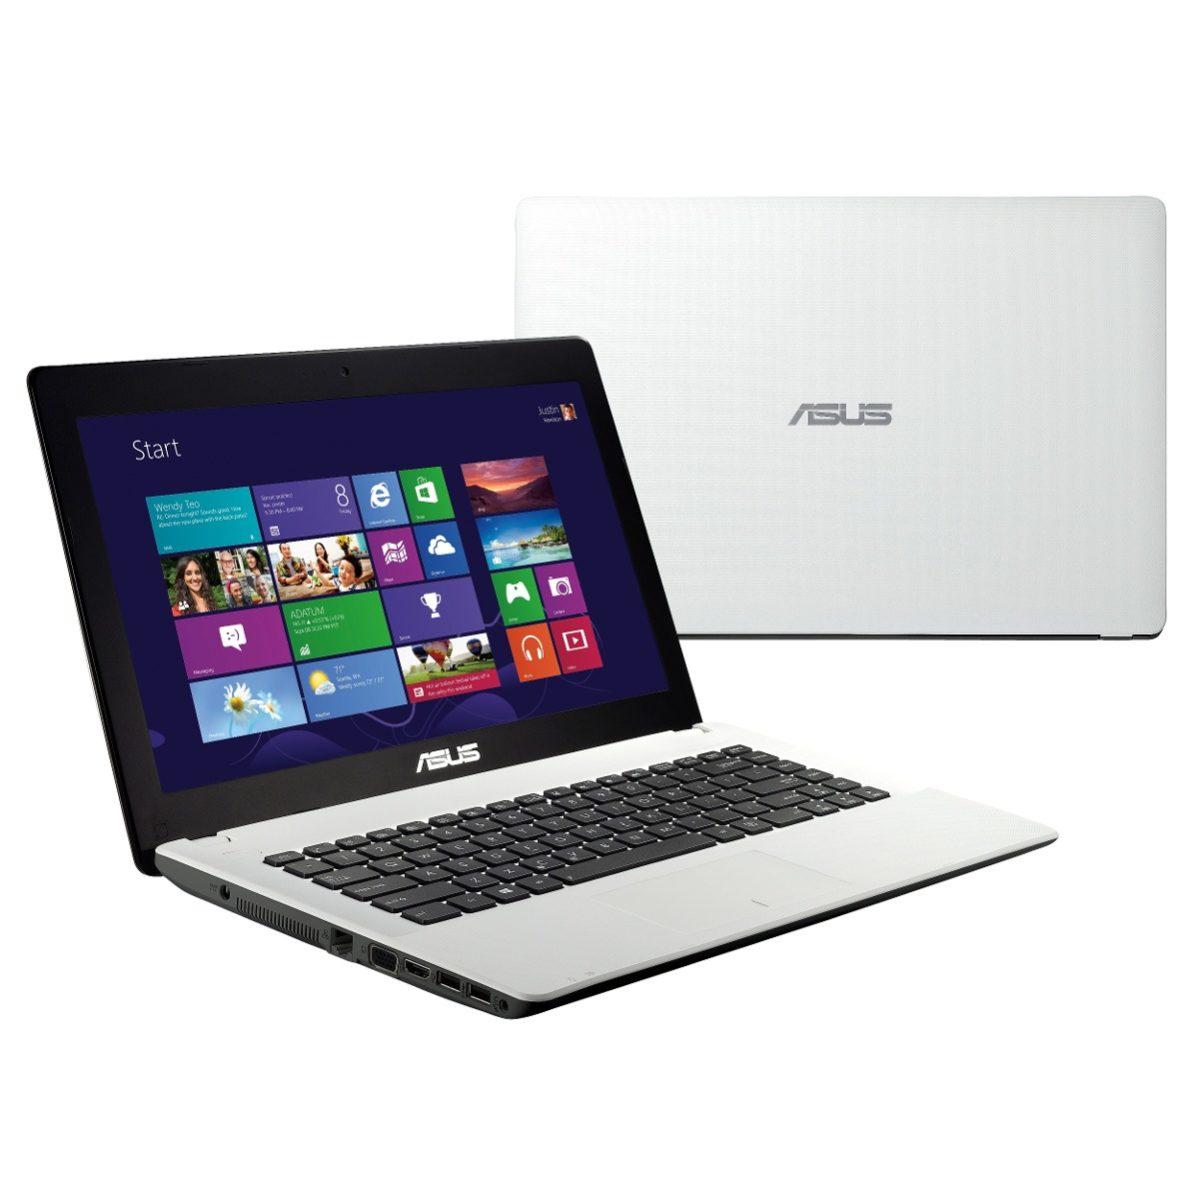 Asus X453M Pentium Dual Core Laptop